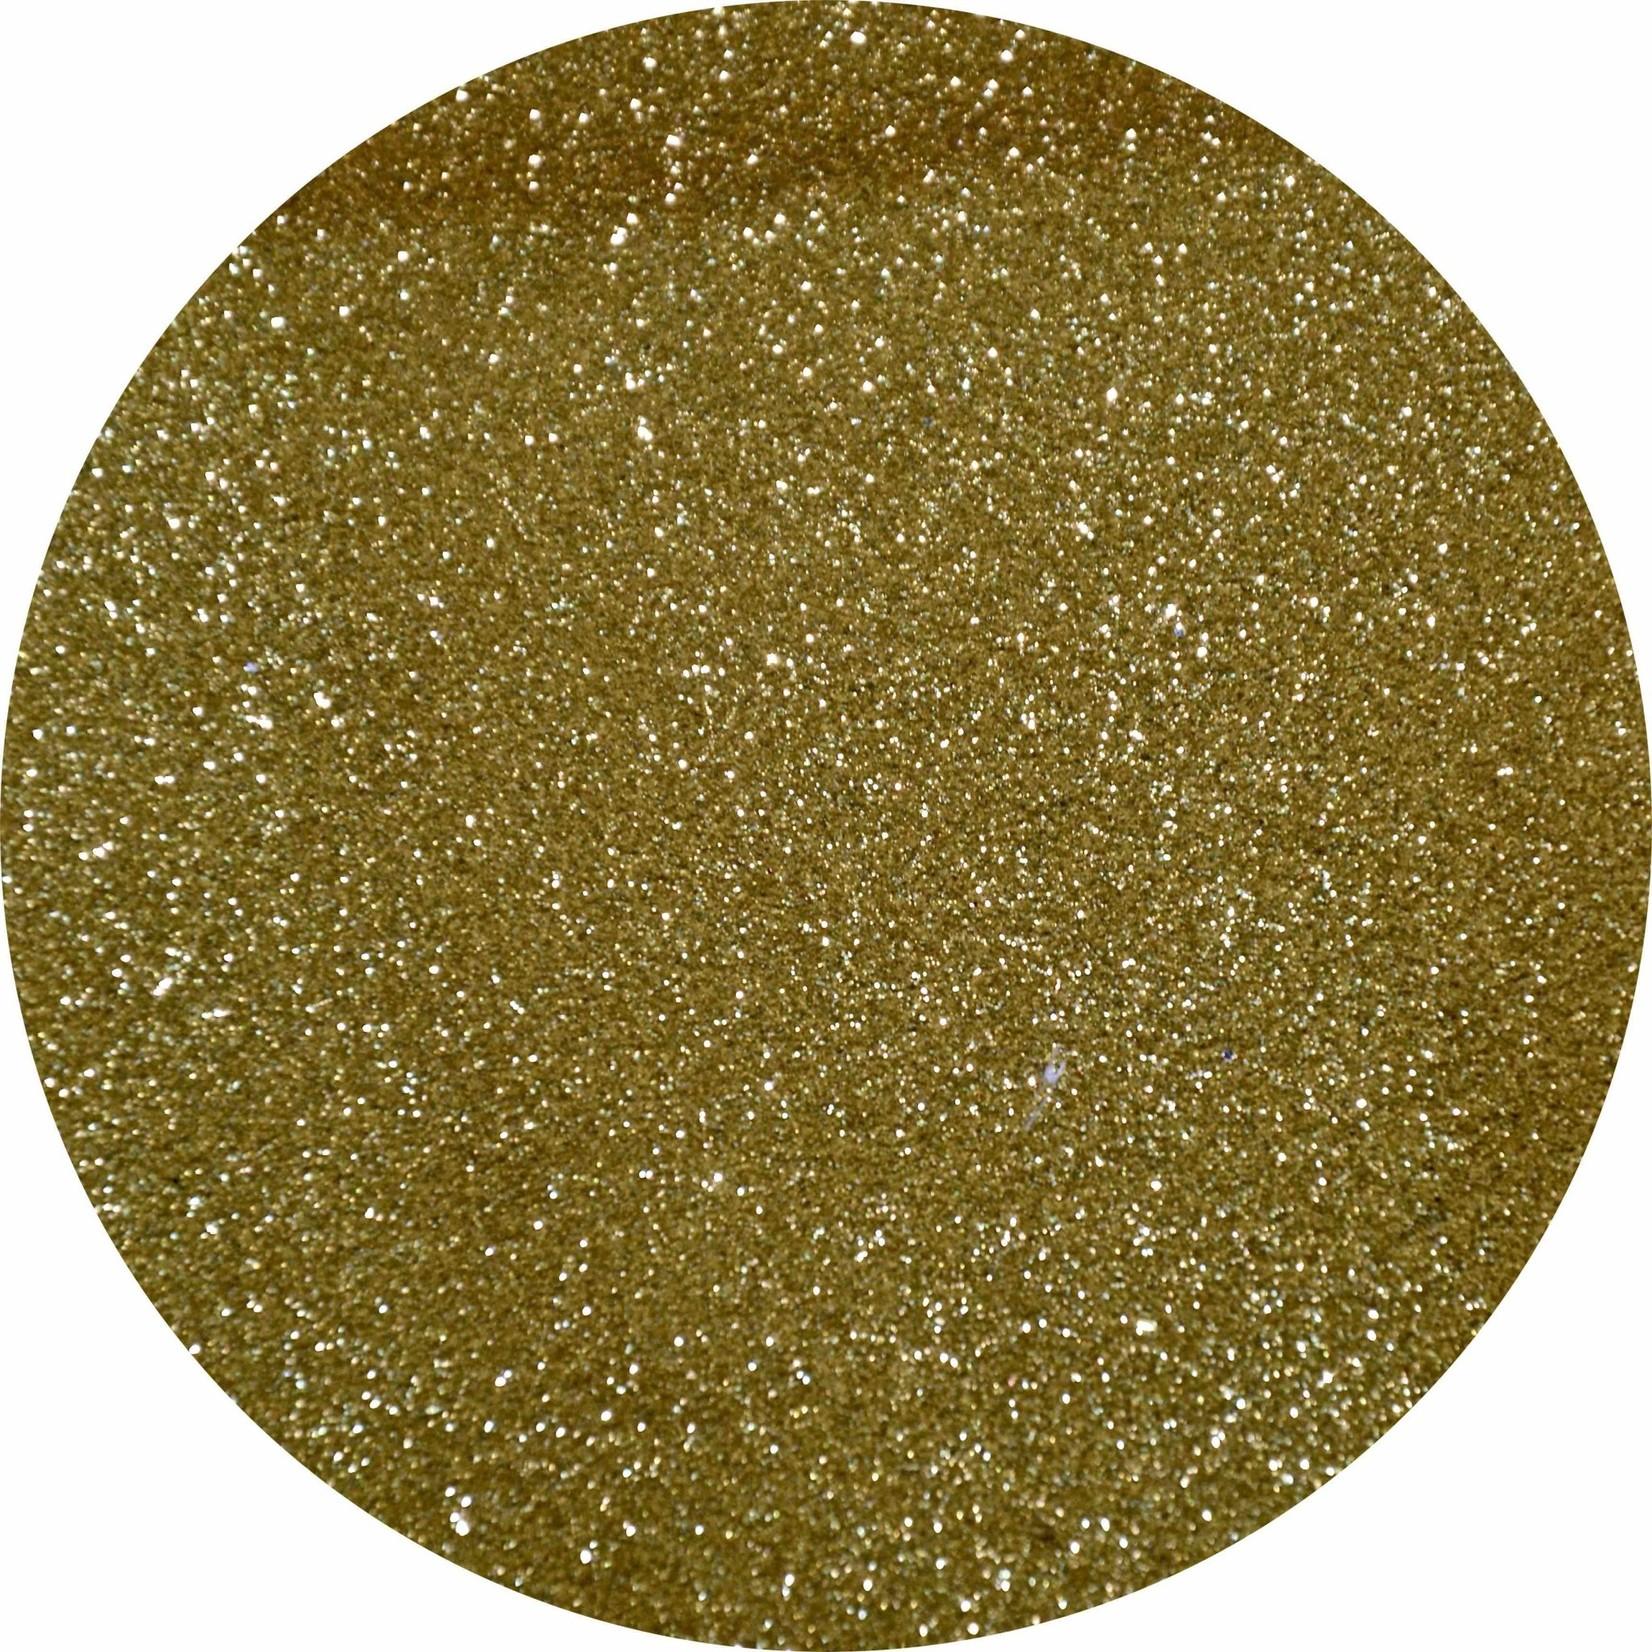 Urban Nails Glitter Dust 51